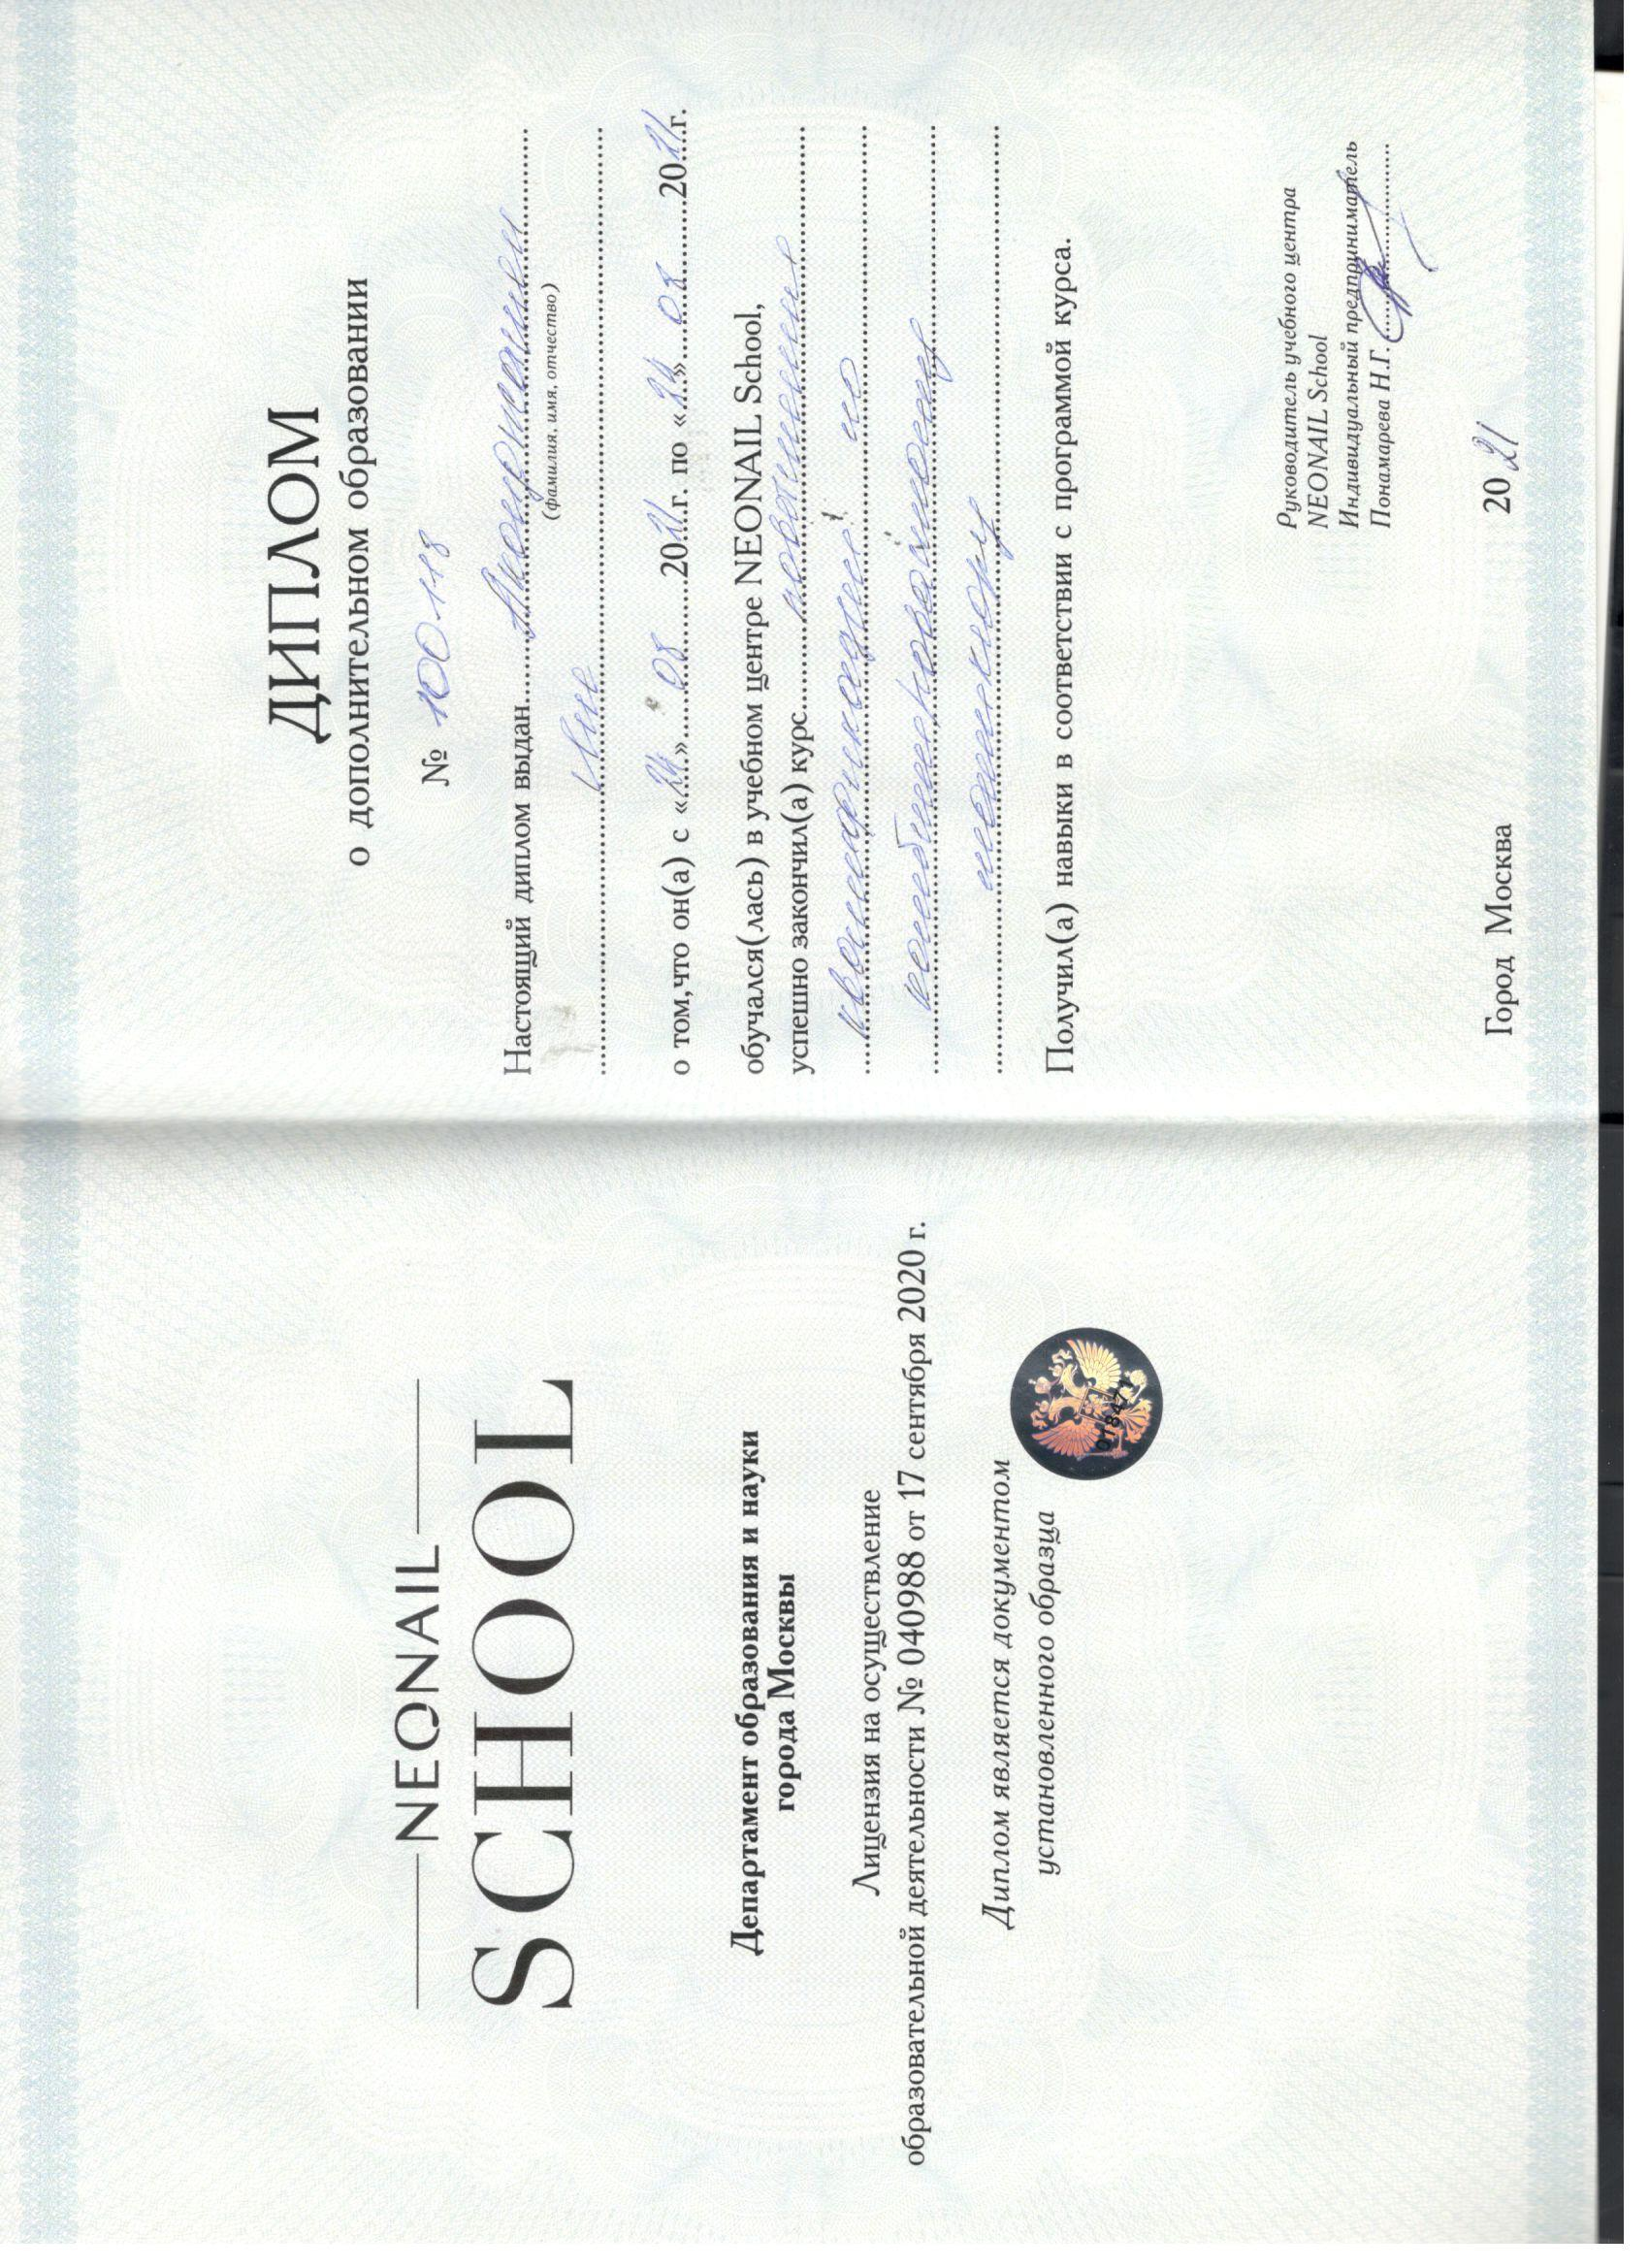 2021, NeoNail School, повышение квалификации по комбинированному маникюру